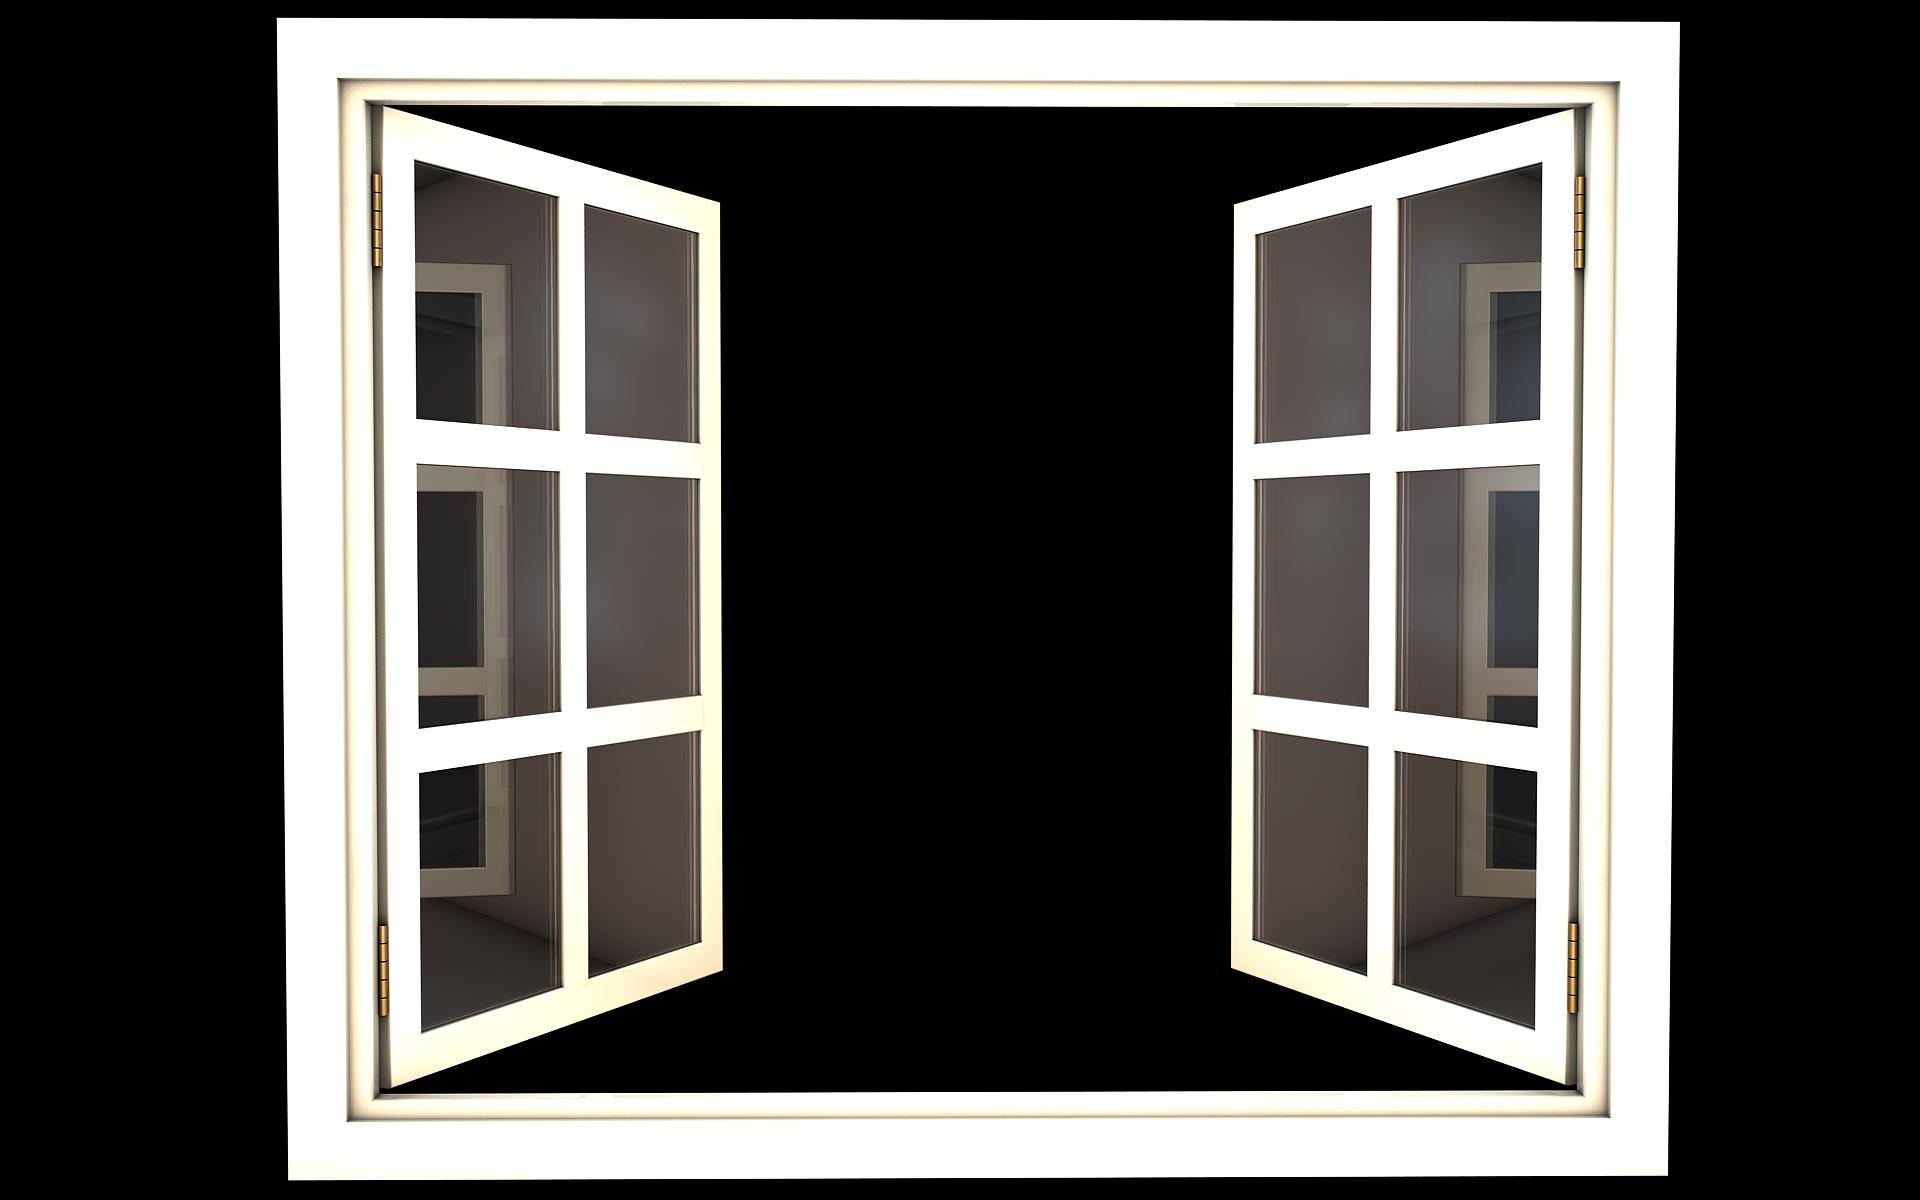 Win clipart window sill, Win window sill Transparent FREE.